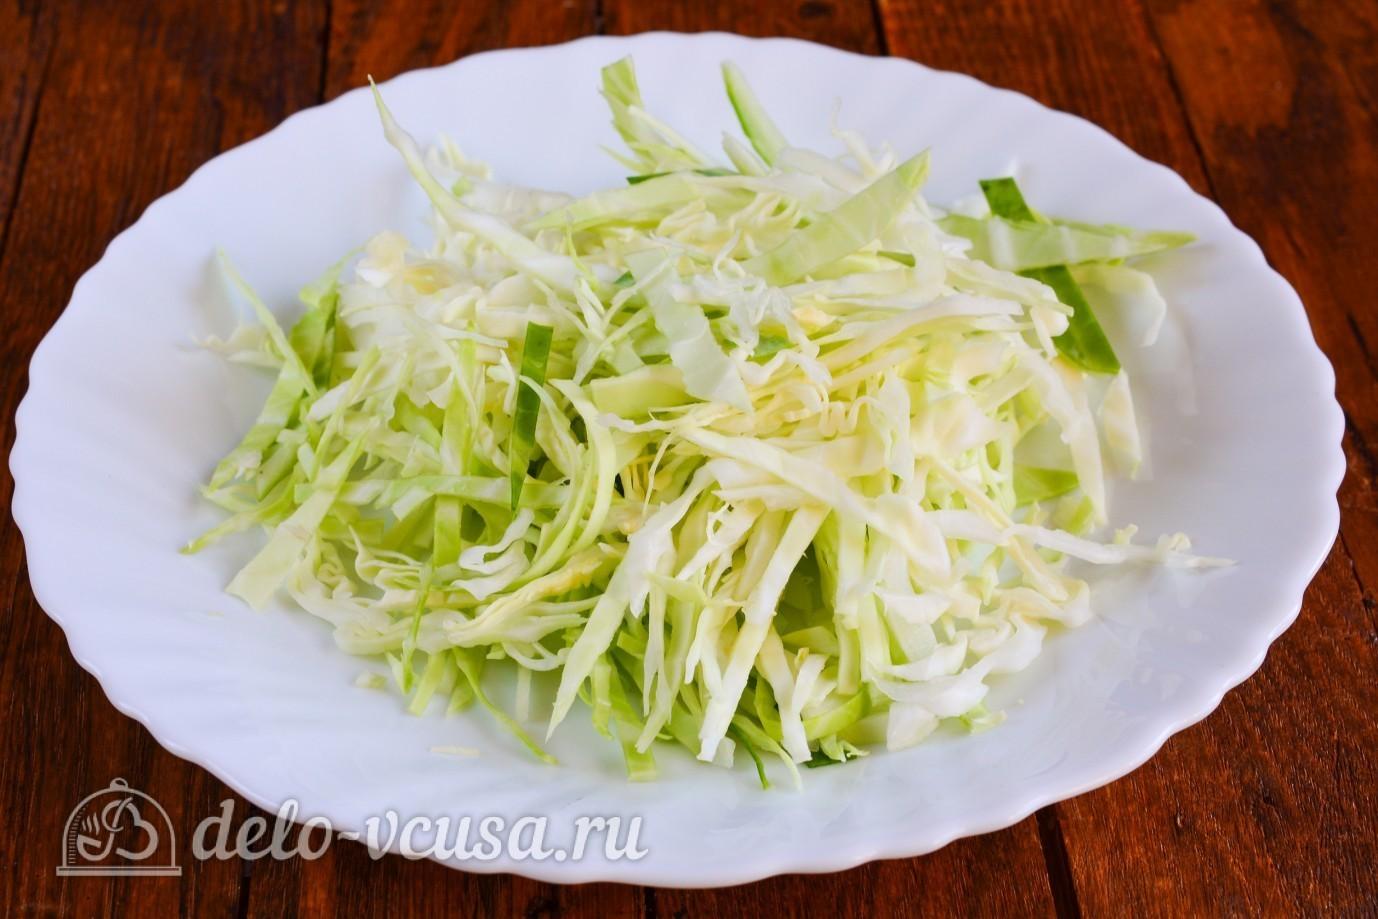 салат все по 1 кг с капустой